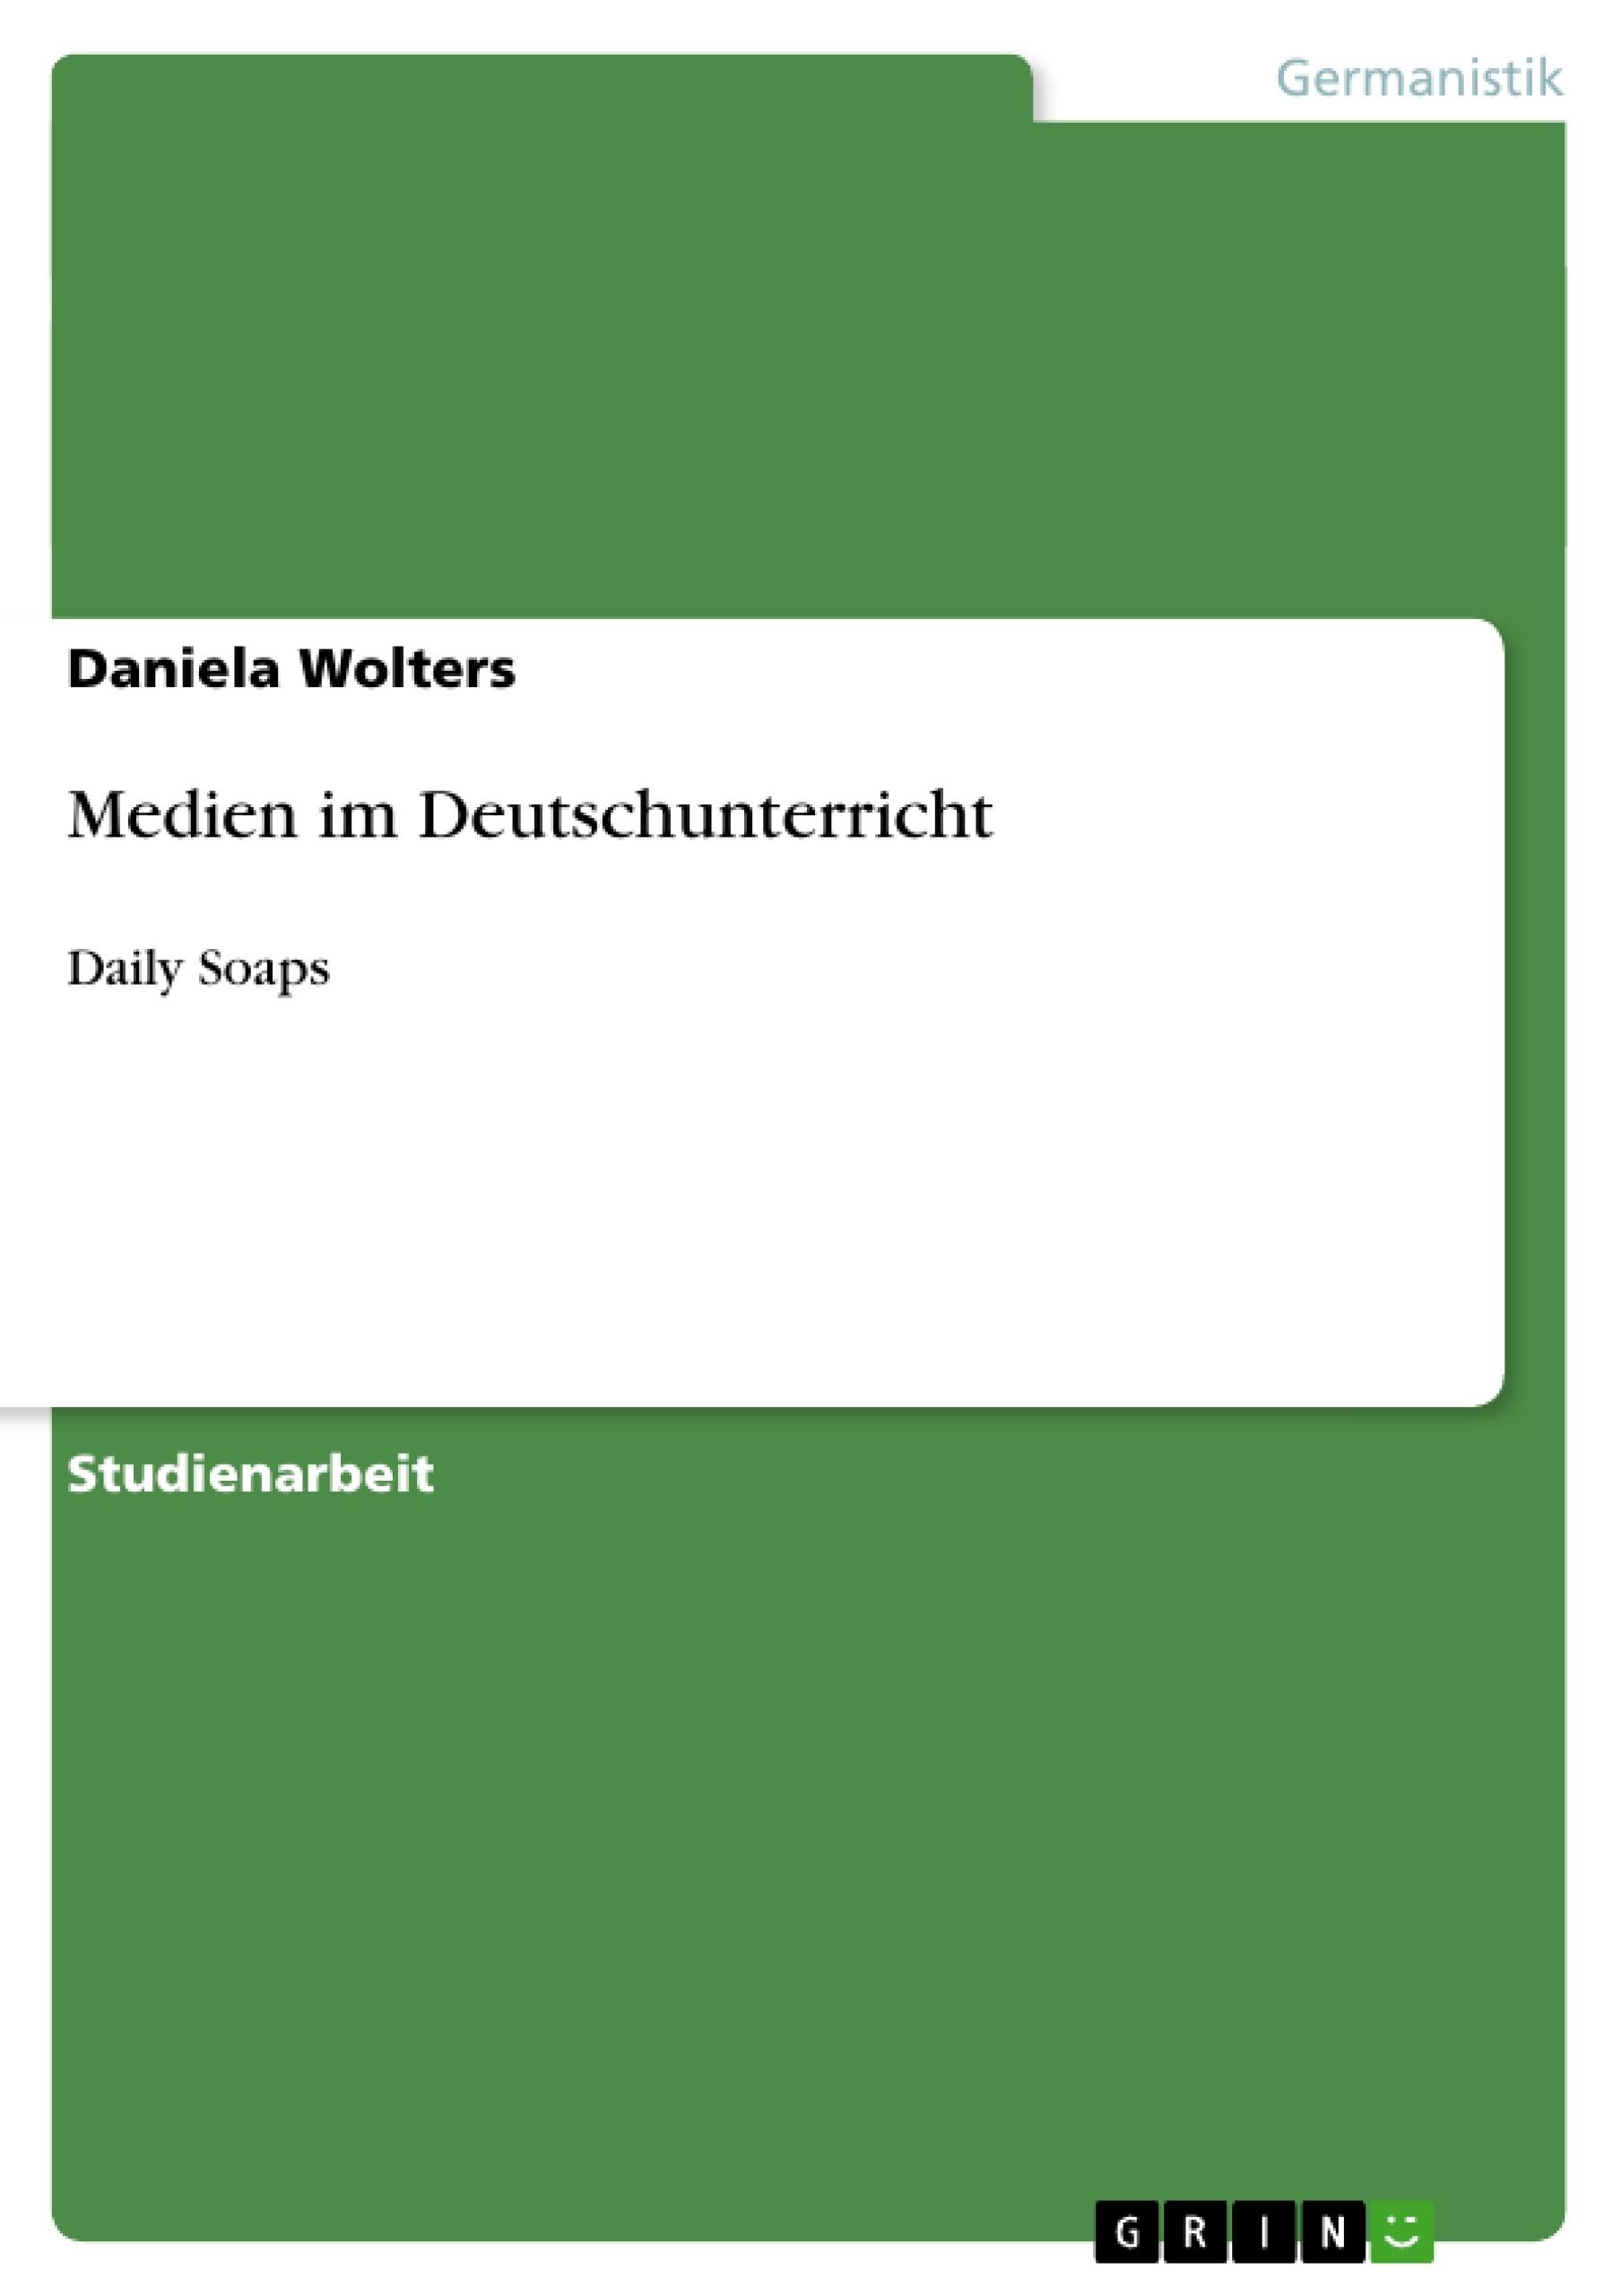 Titel: Medien im Deutschunterricht